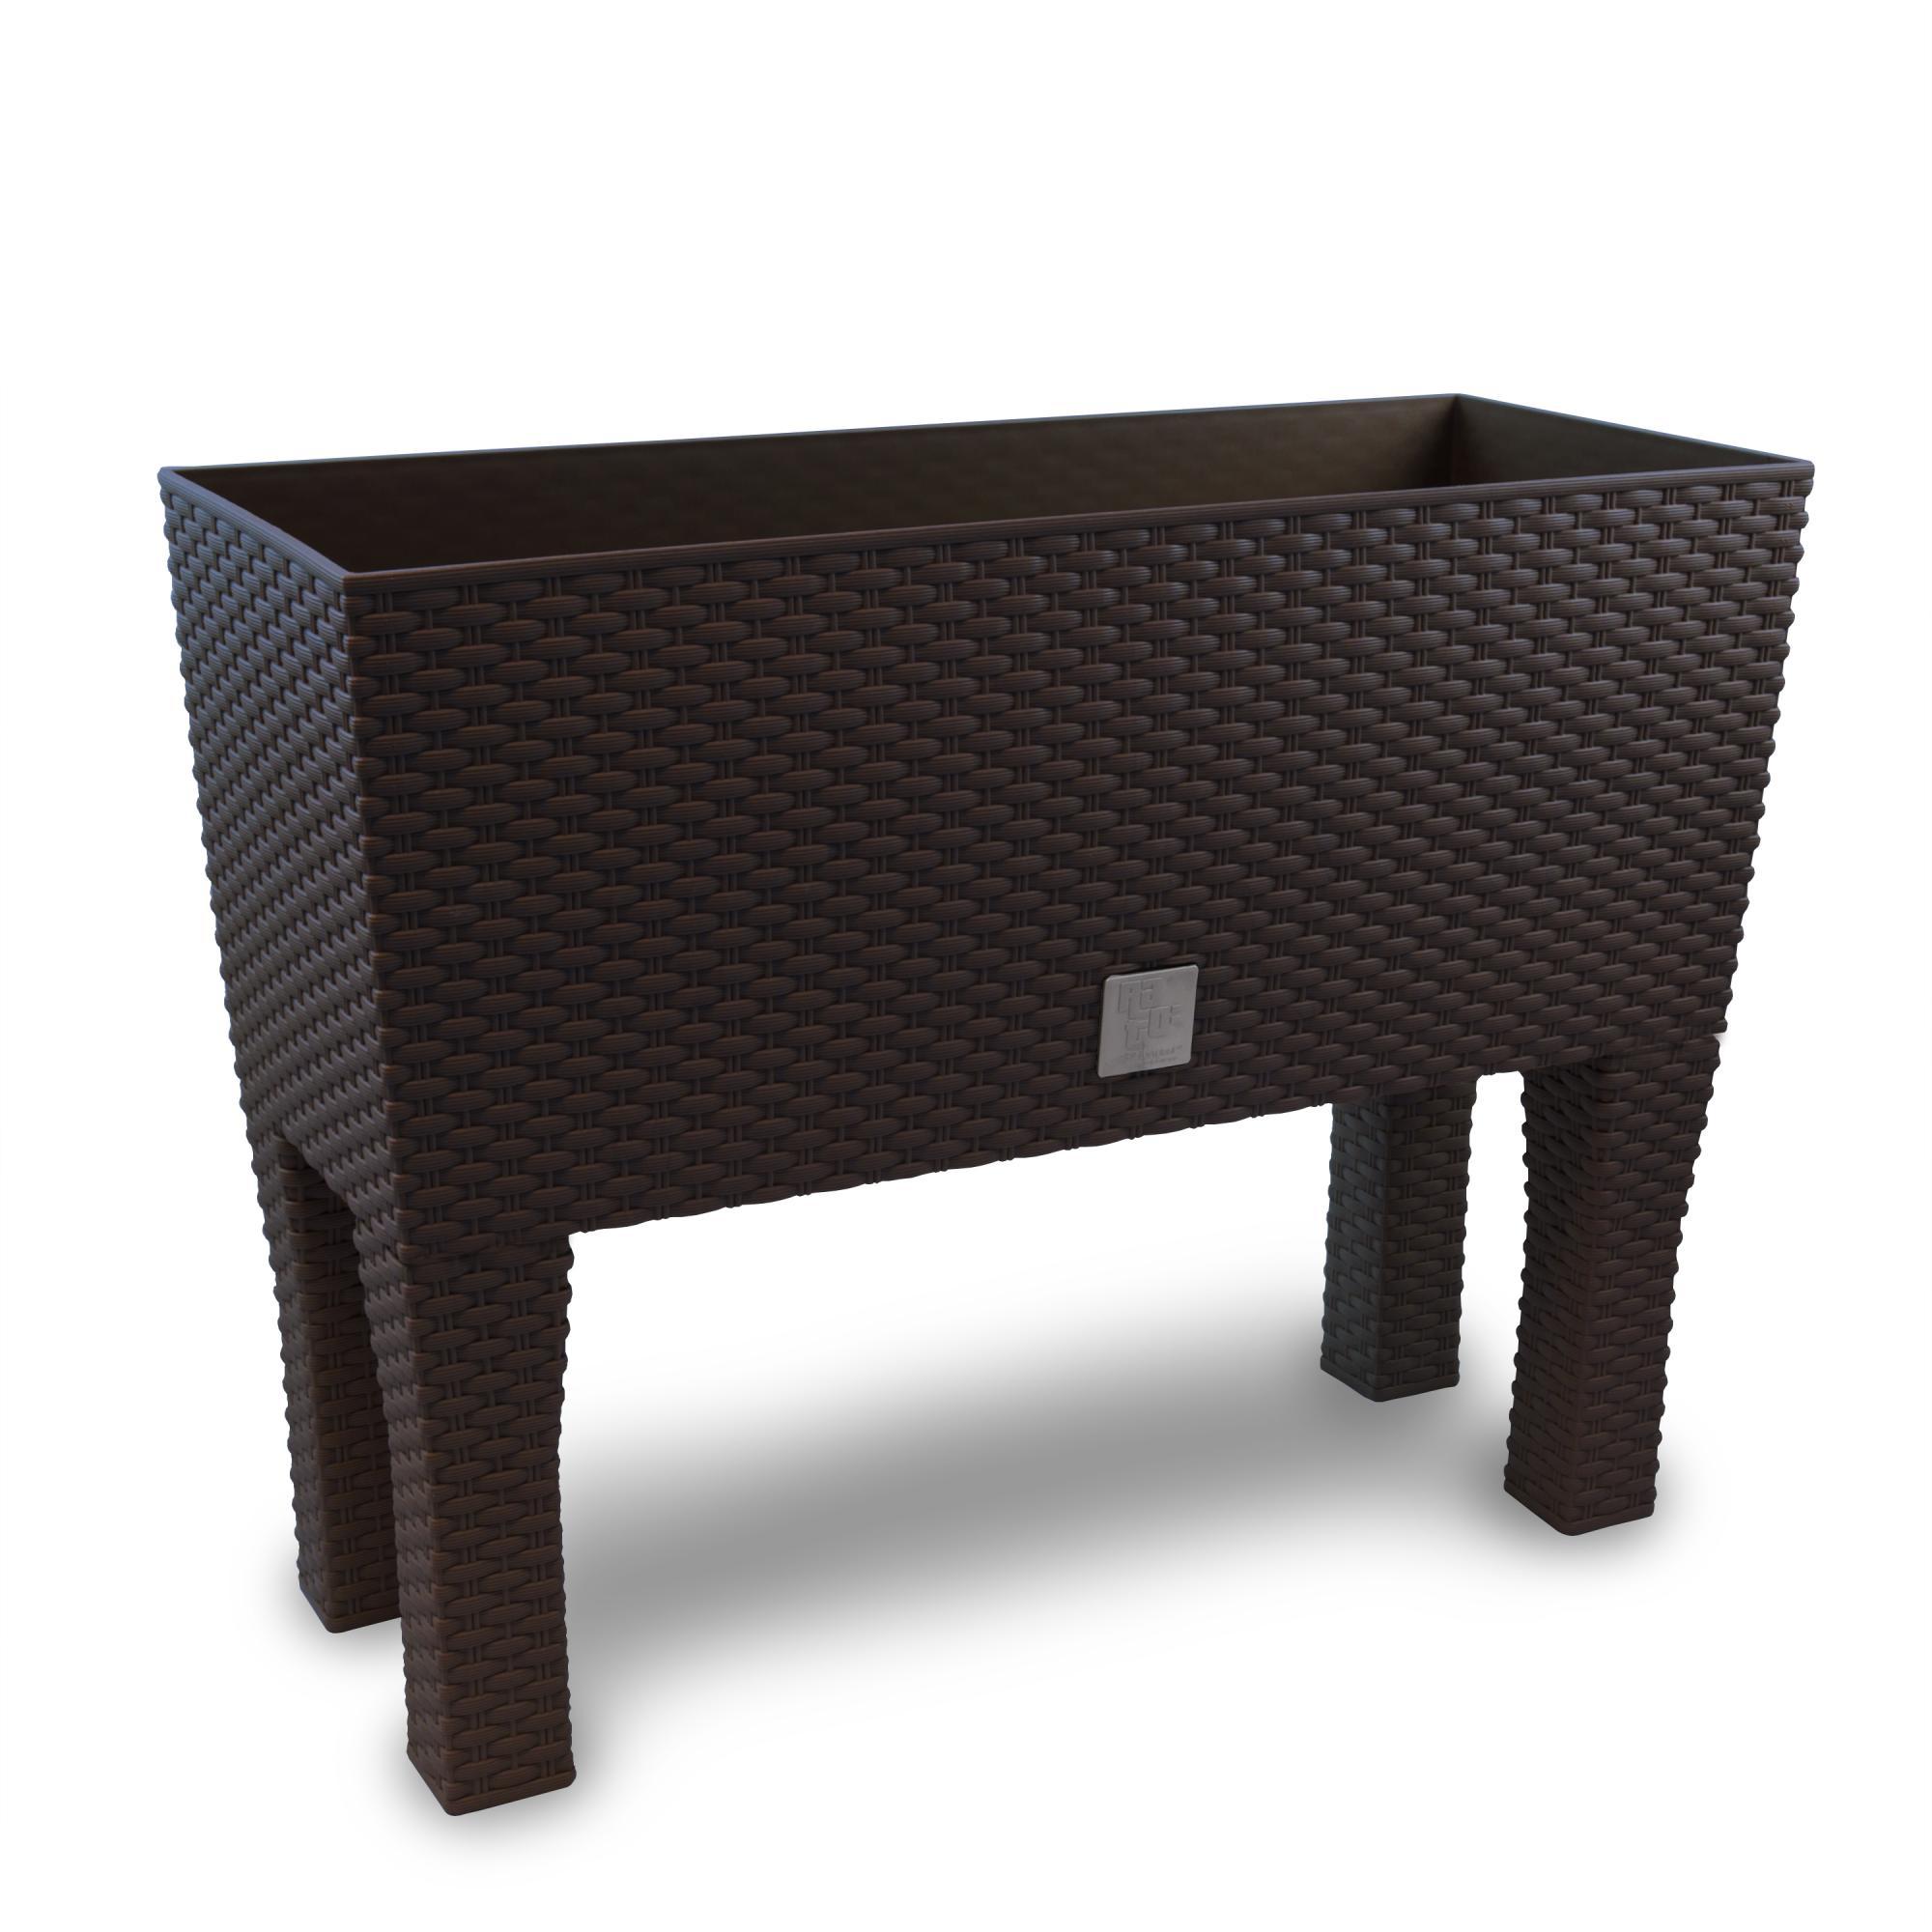 rattan blumenk bel pflanzk bel blumenkasten pflanzkasten umbra 60 cm standbein ebay. Black Bedroom Furniture Sets. Home Design Ideas